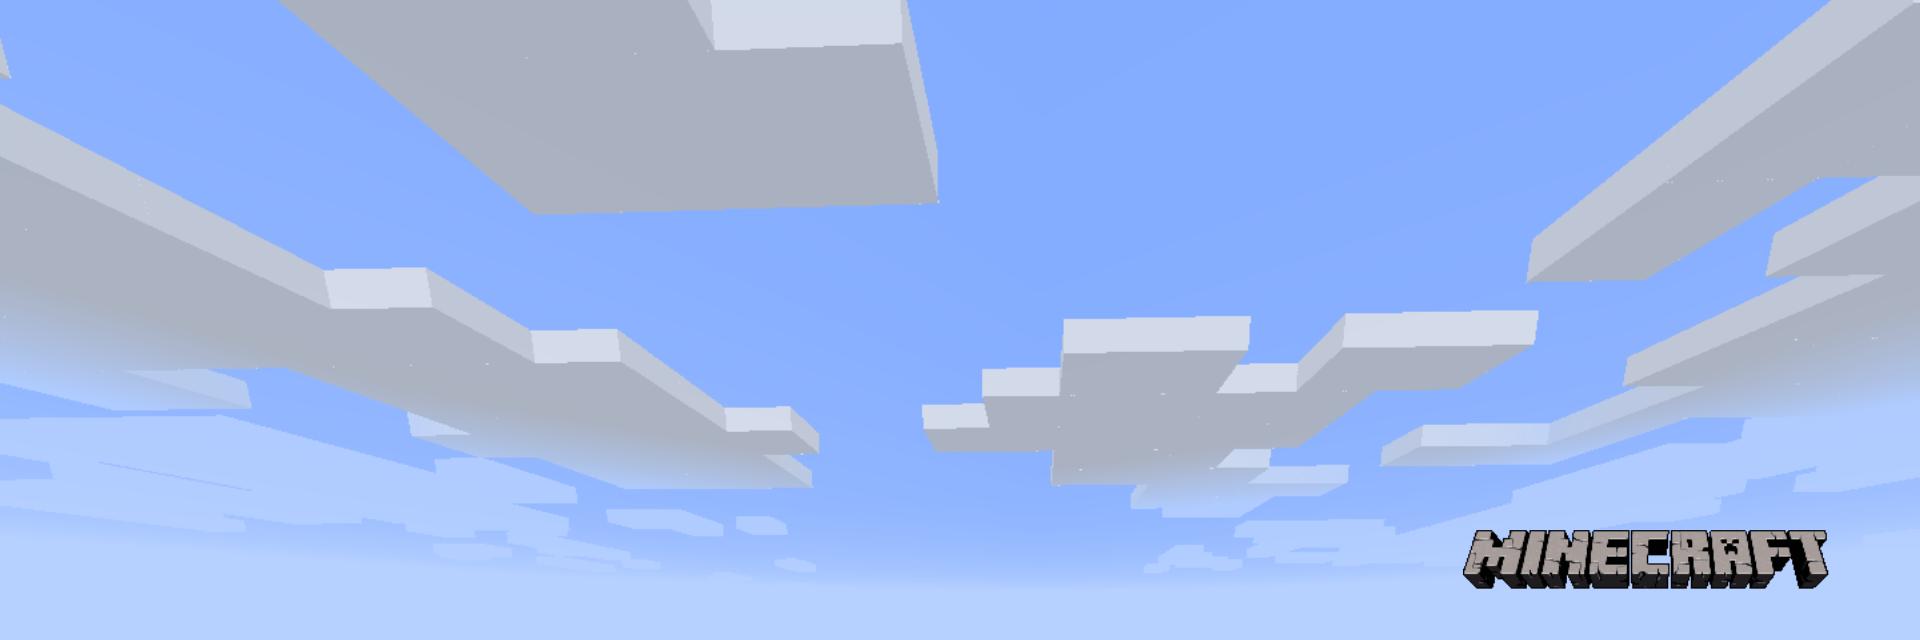 minecraft-launcher-ot banner